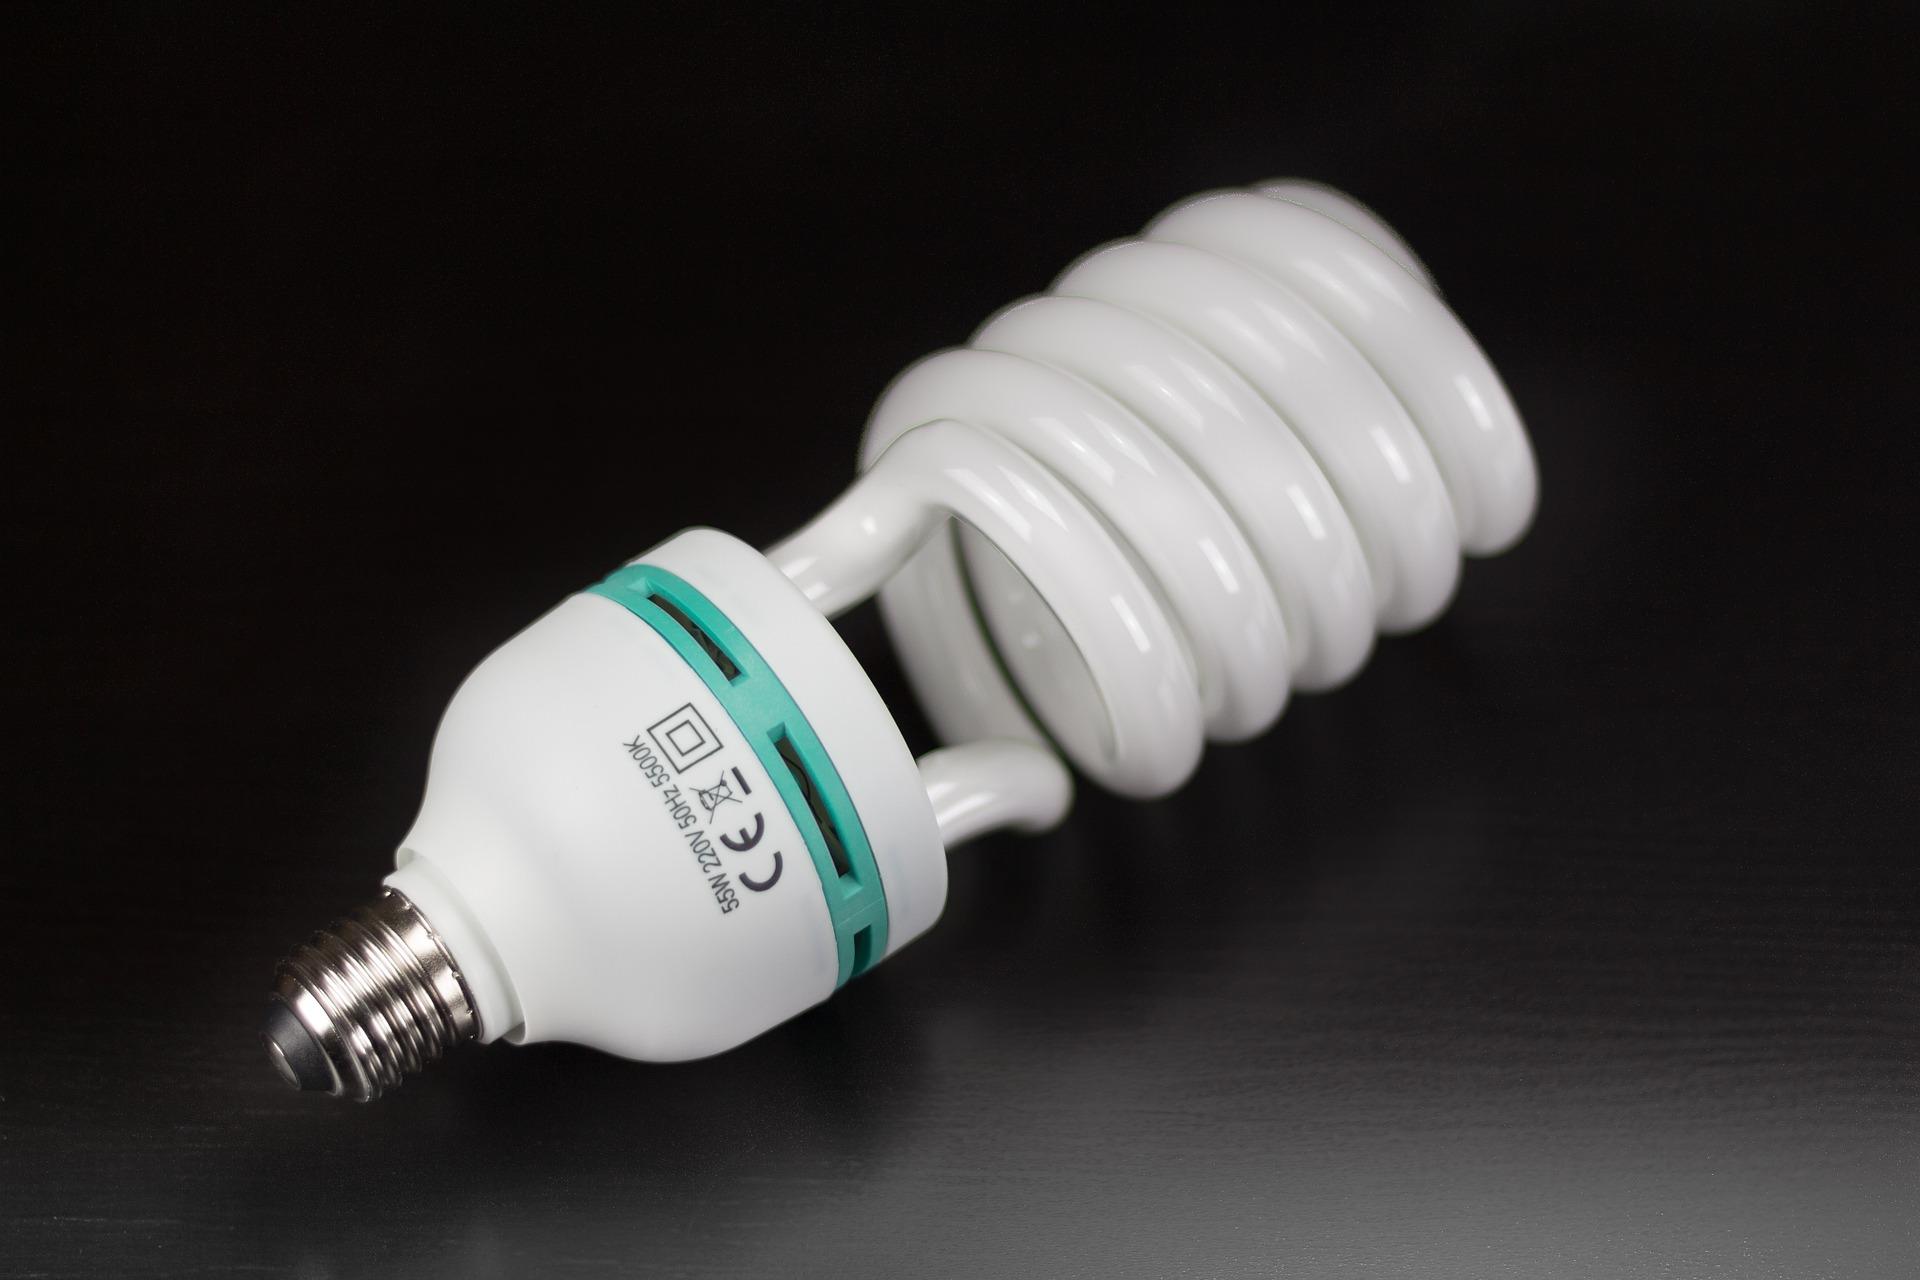 descarte-lampadas-fluorescentes